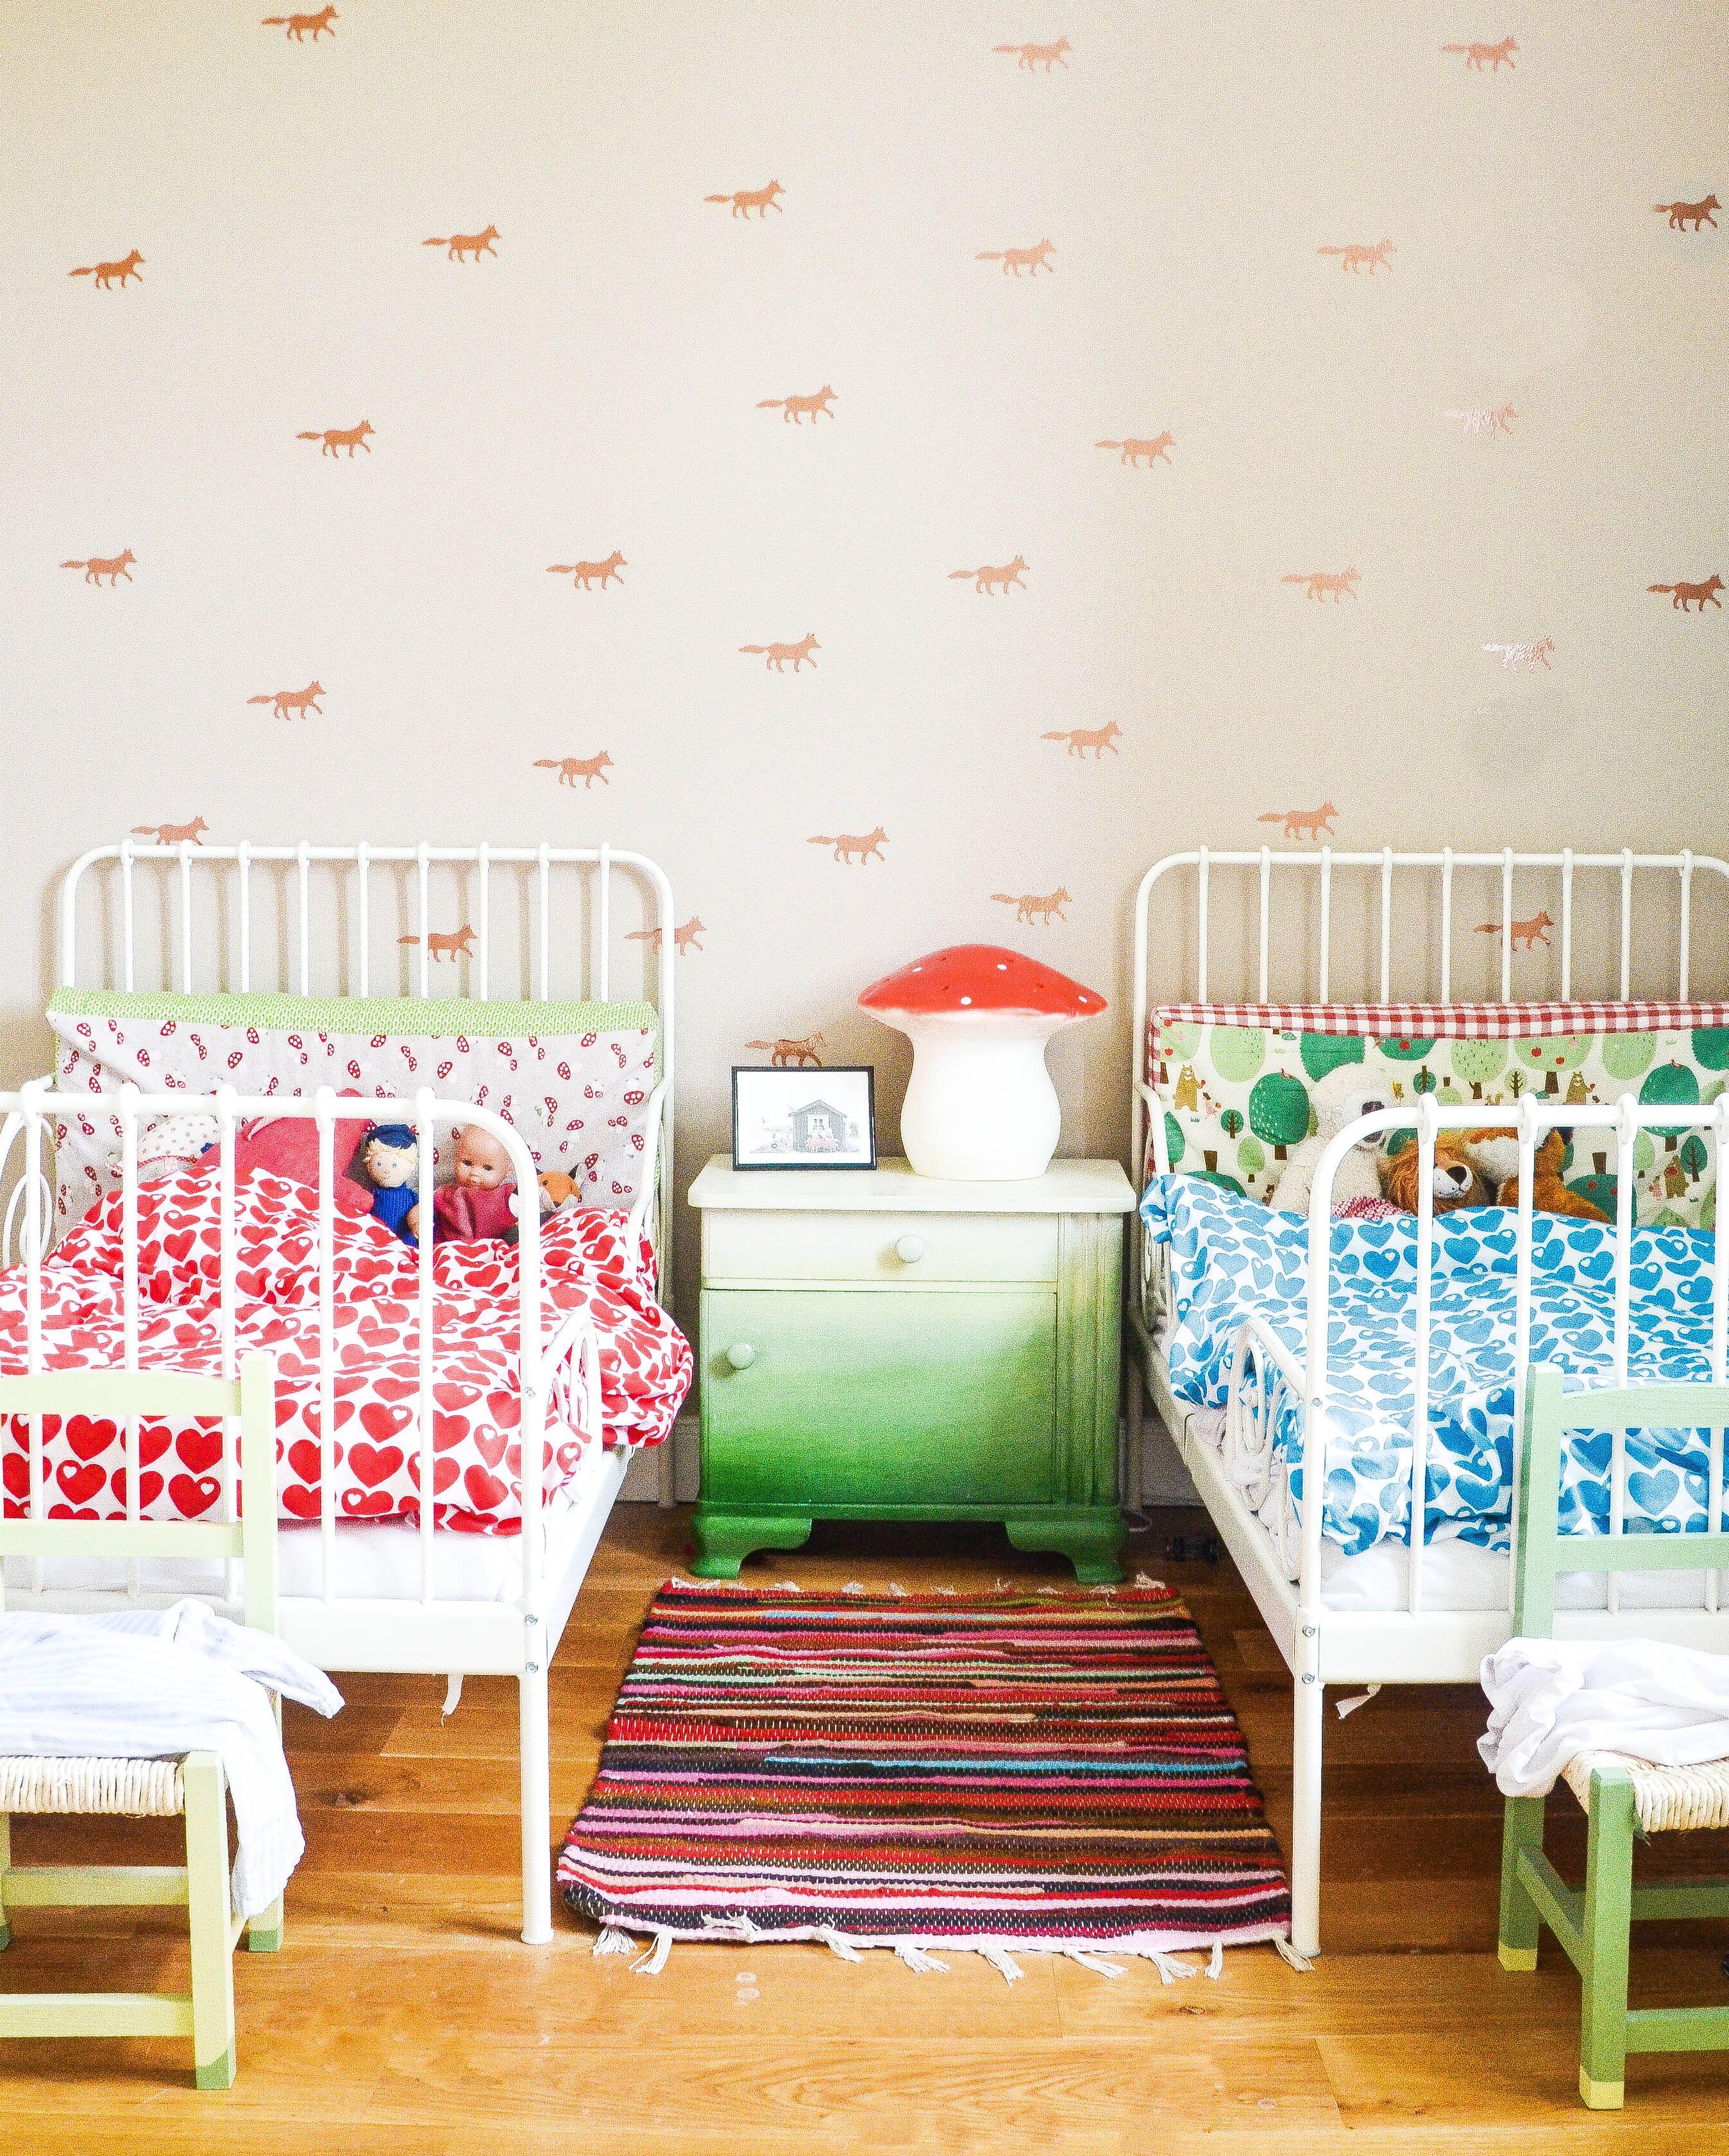 geschwister, kinderzimmer teilen | zwillinge | pinterest - Kinderzimmer Ideen Geschwister